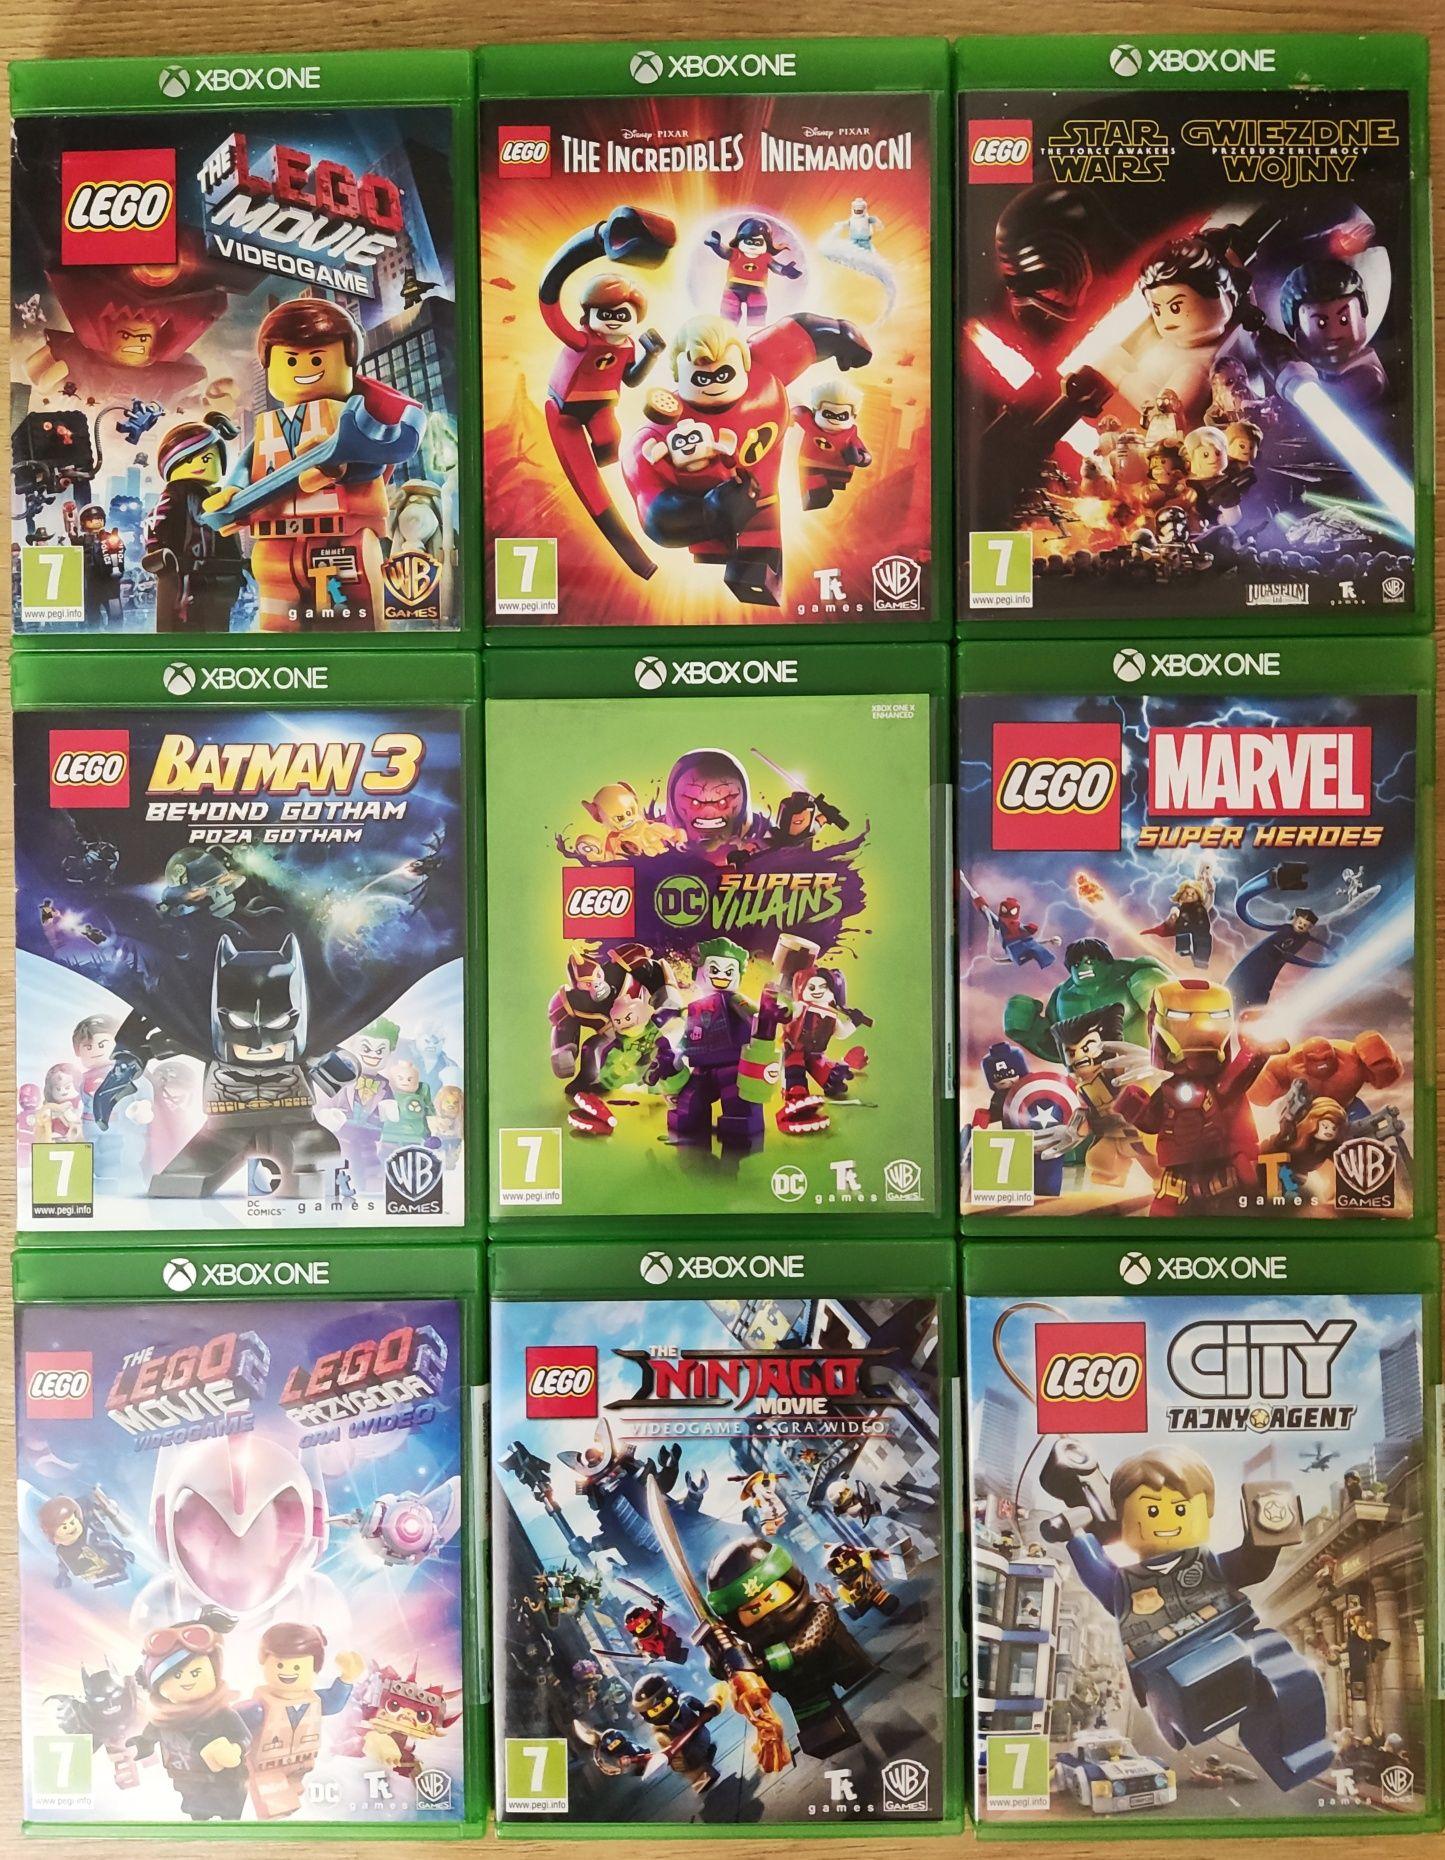 Gry Xbox one LEGO Batman Przygoda Iniemamocni Marvel Star Wars Ninjago